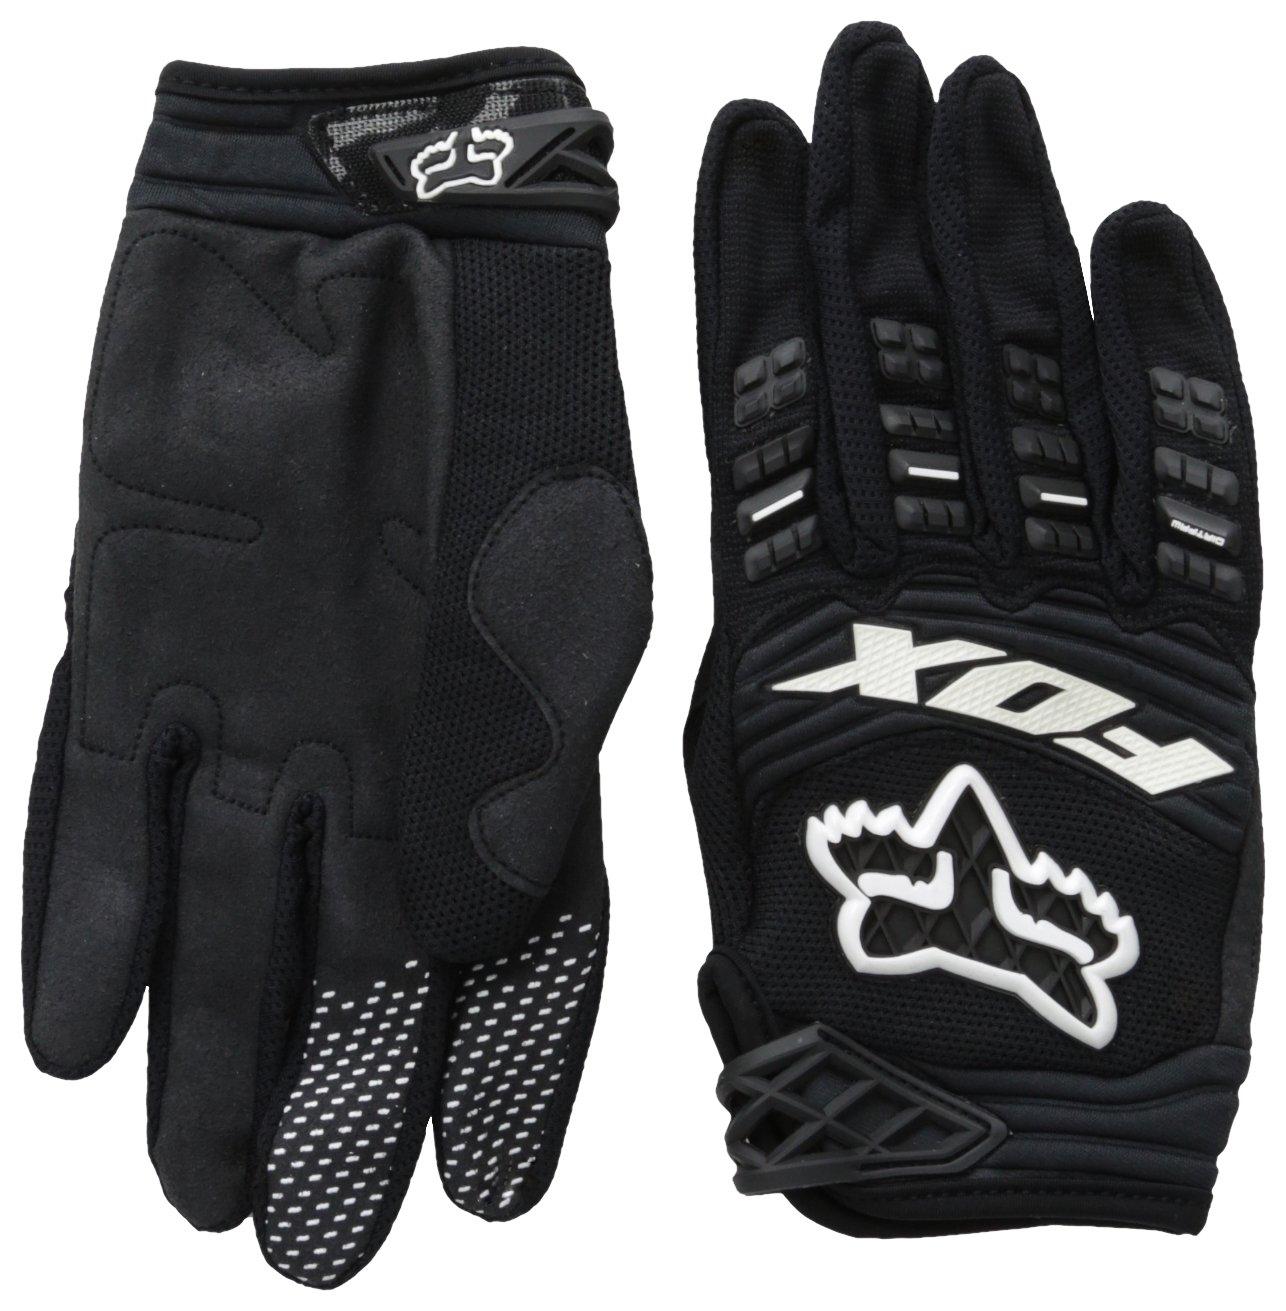 Black gloves races - Black Gloves Races 18